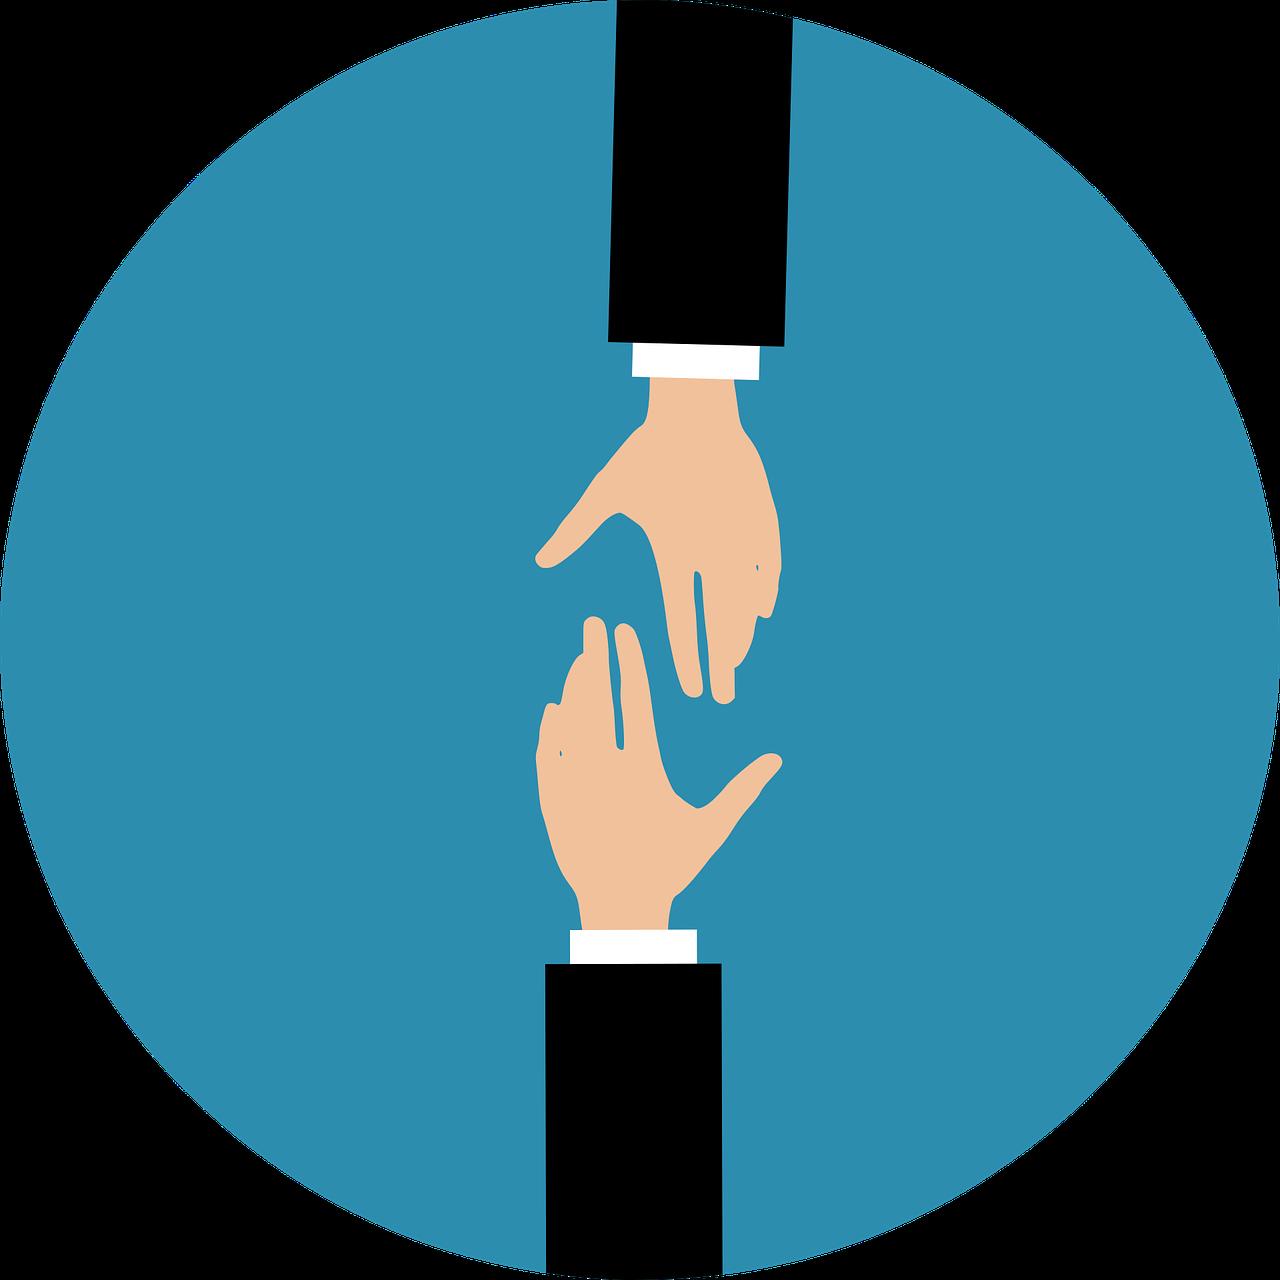 転職エージェントと転職サイトの違いとメリット・デメリット比較